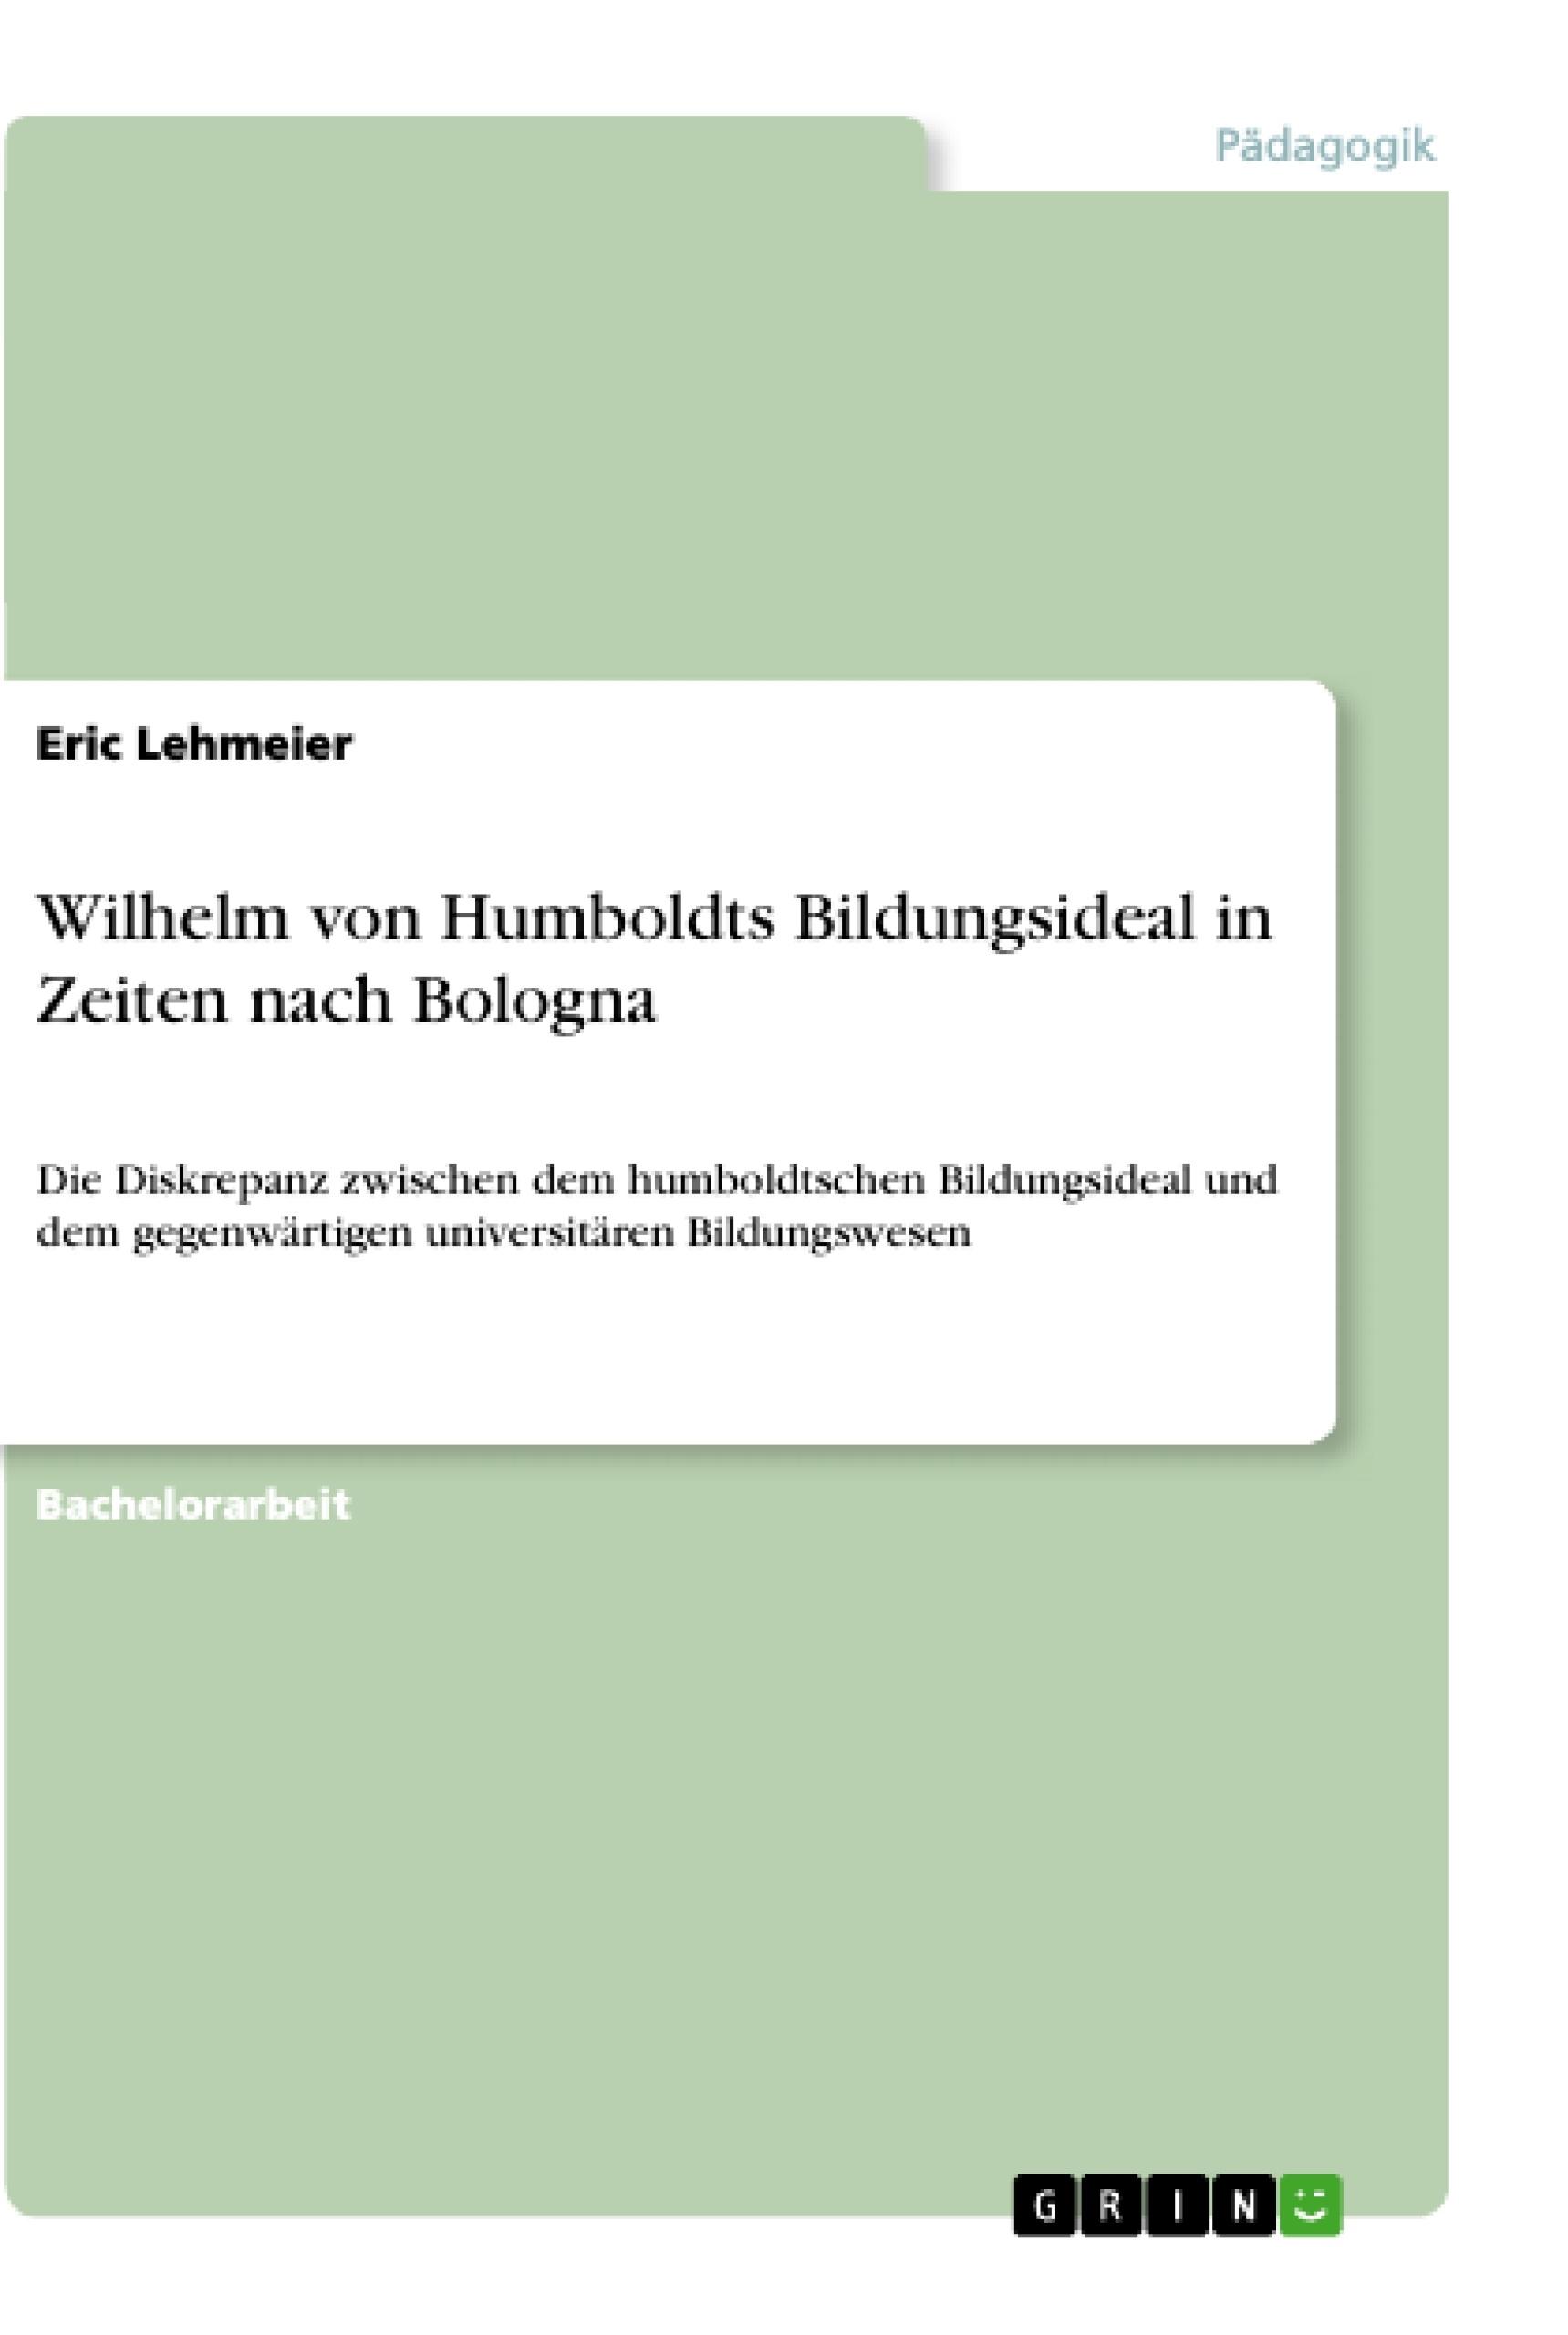 Titel: Wilhelm von Humboldts Bildungsideal in Zeiten nach Bologna